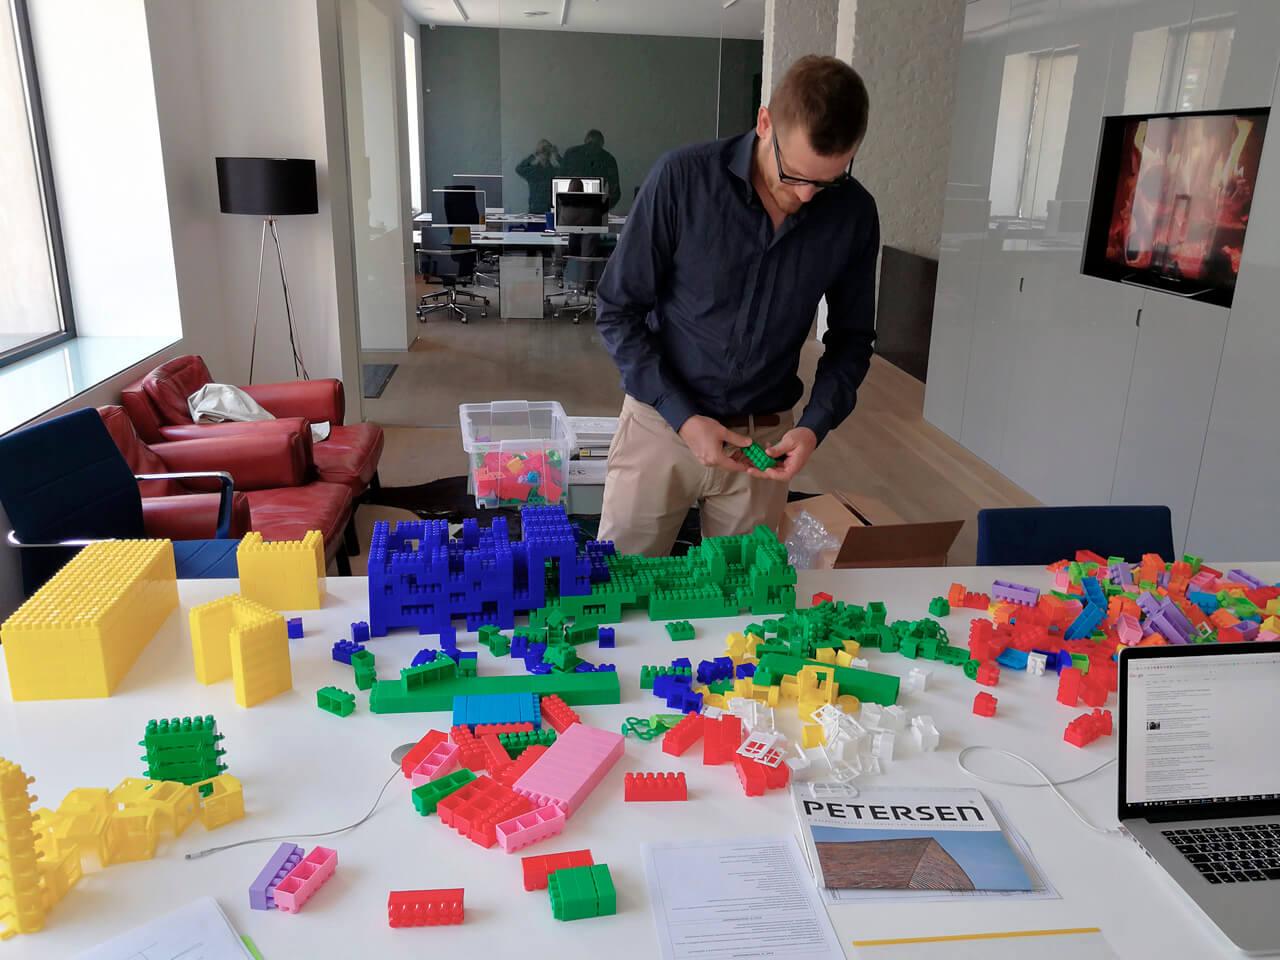 1000 деталей конструктора, 3 архитектора и всего 1 час на постройку. Что из этого вышло?